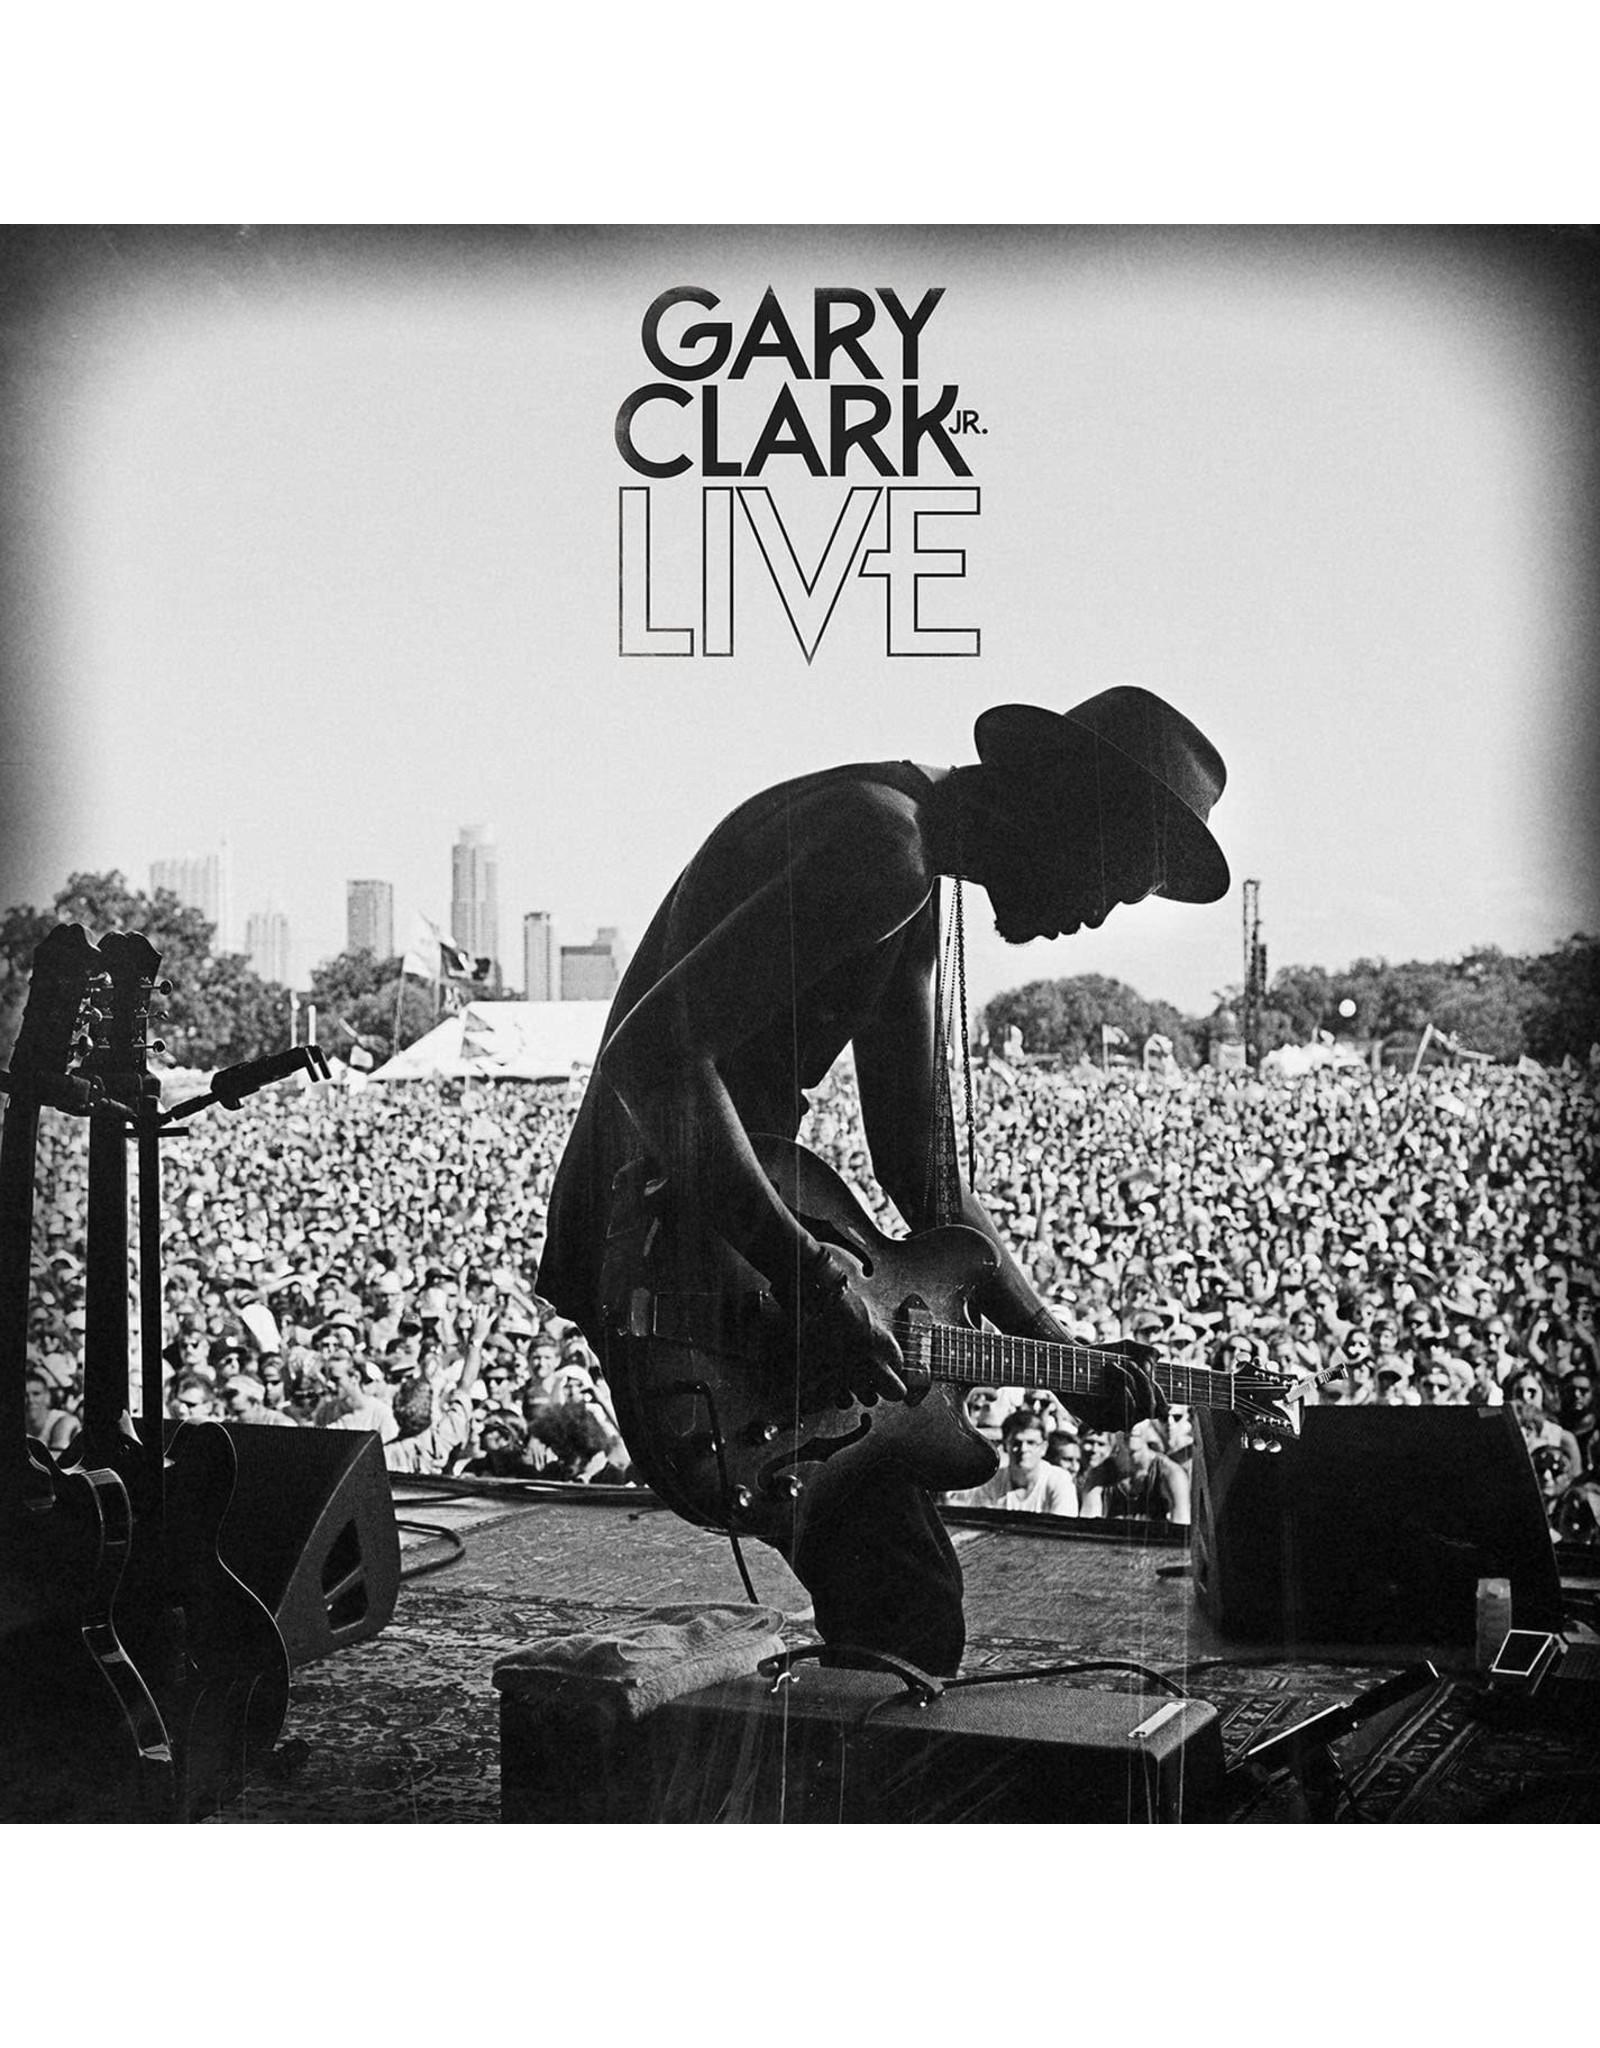 Clark, Gary Jr. - Gary Clark Jr. Live (2LP)